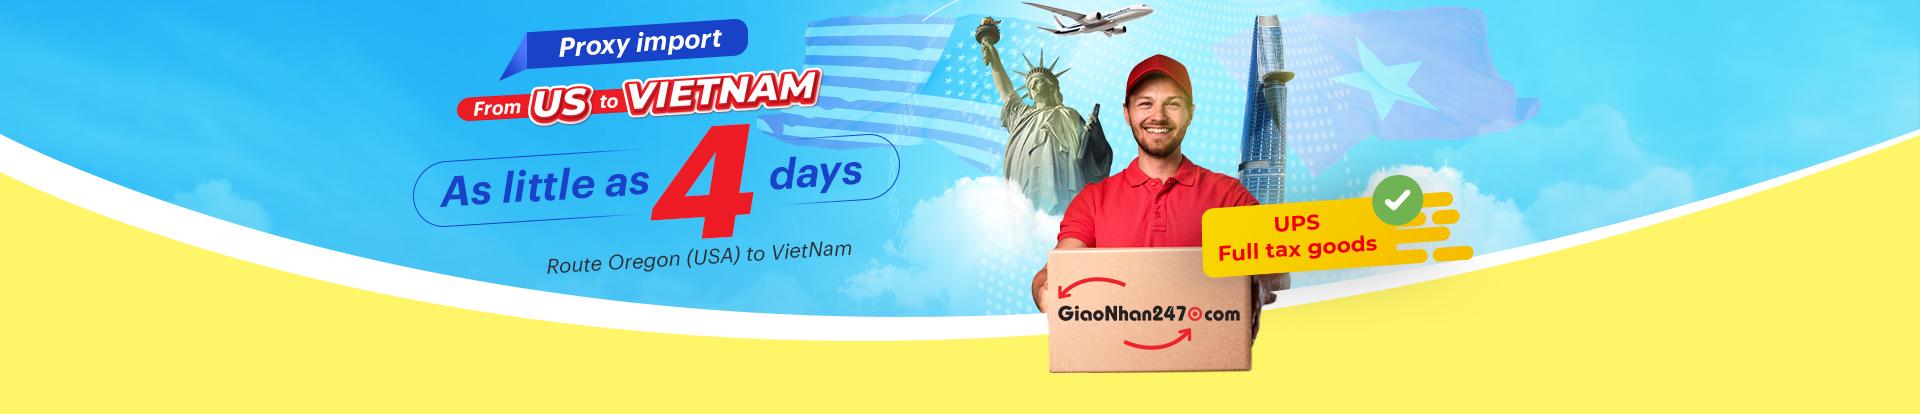 proxy import us - vn 4 days